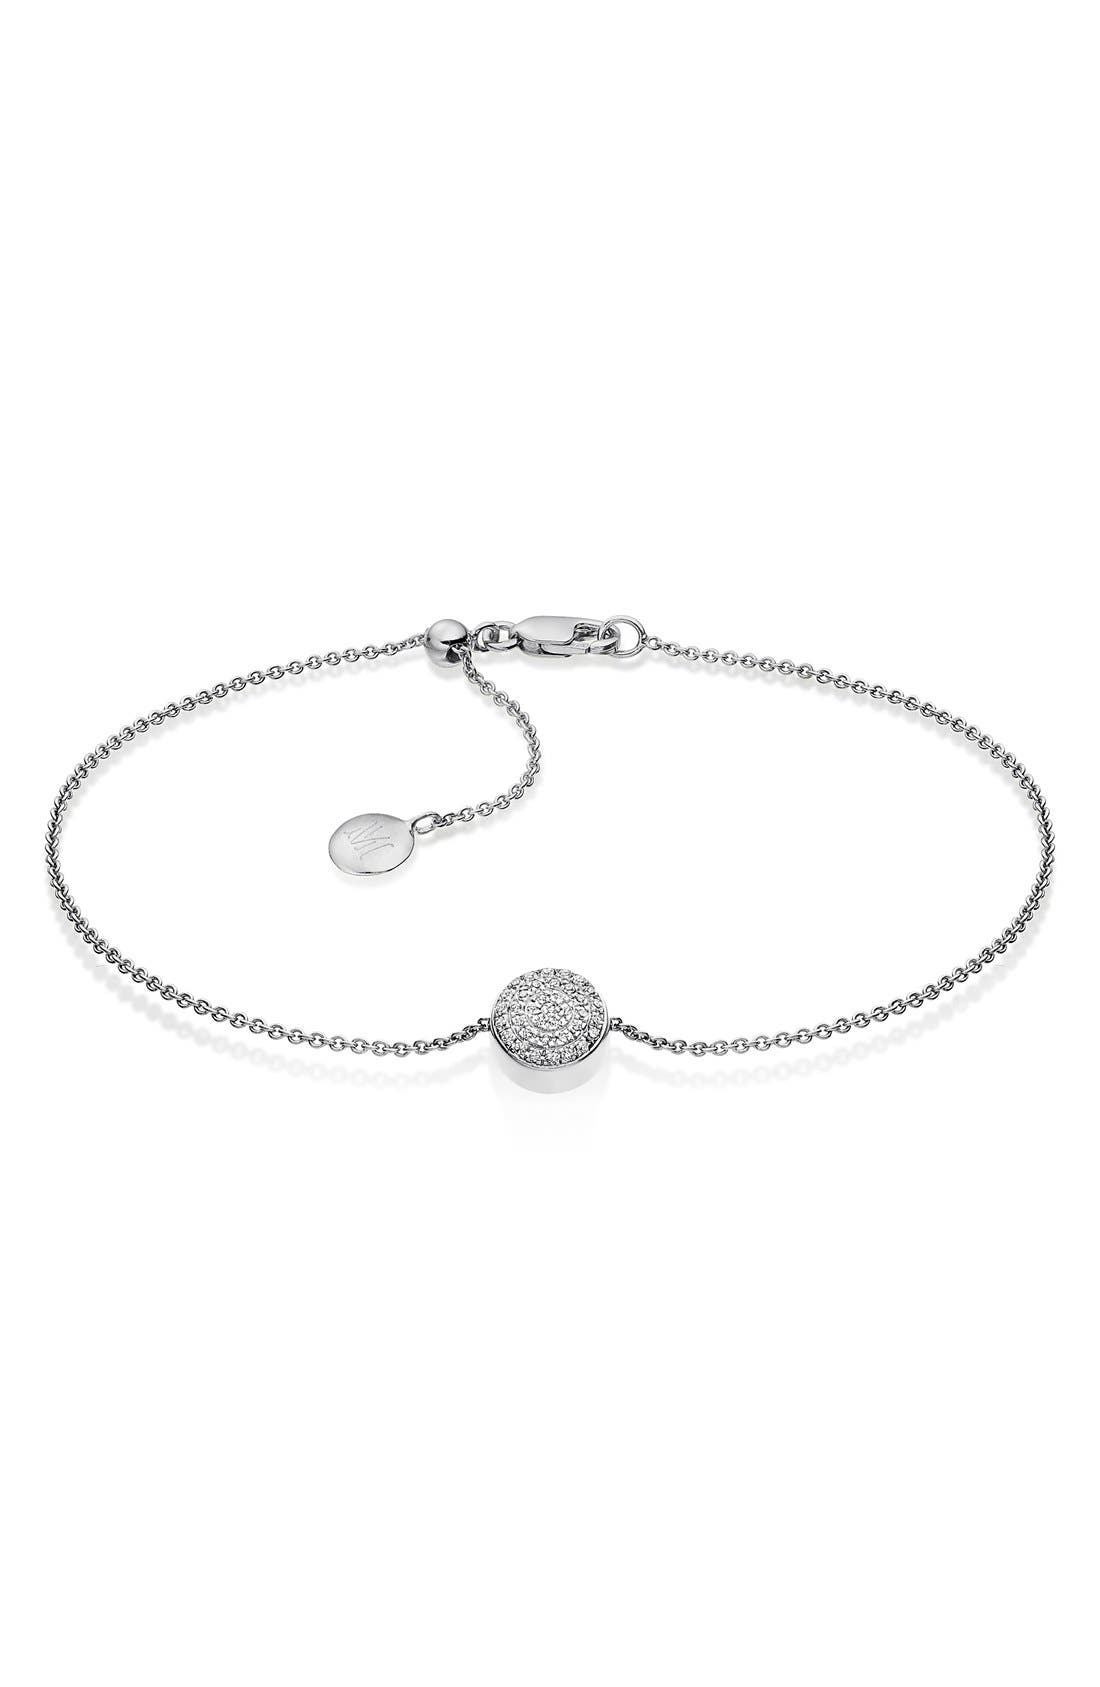 Alternate Image 1 Selected - Monica Vinader 'Ava' Diamond Button Bracelet